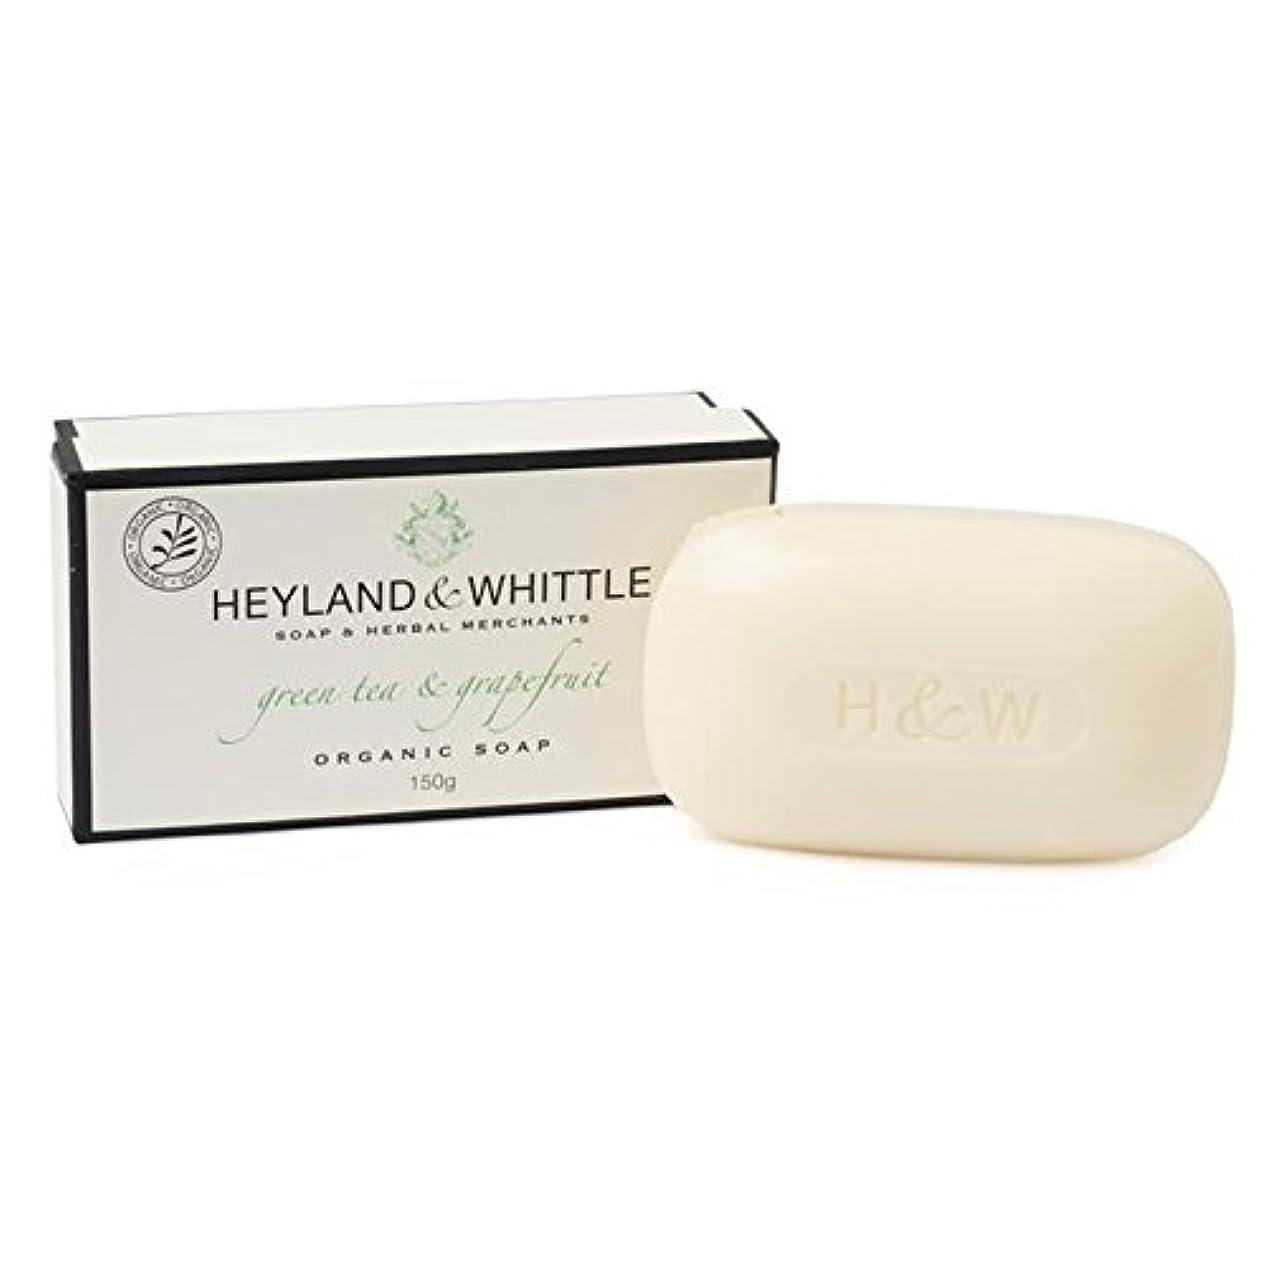 いつか面白い喜劇&削る緑茶&グレープフルーツはオーガニックソープ150グラム箱入り x2 - Heyland & Whittle Green Tea & Grapefruit Boxed Organic Soap 150g (Pack of 2) [並行輸入品]